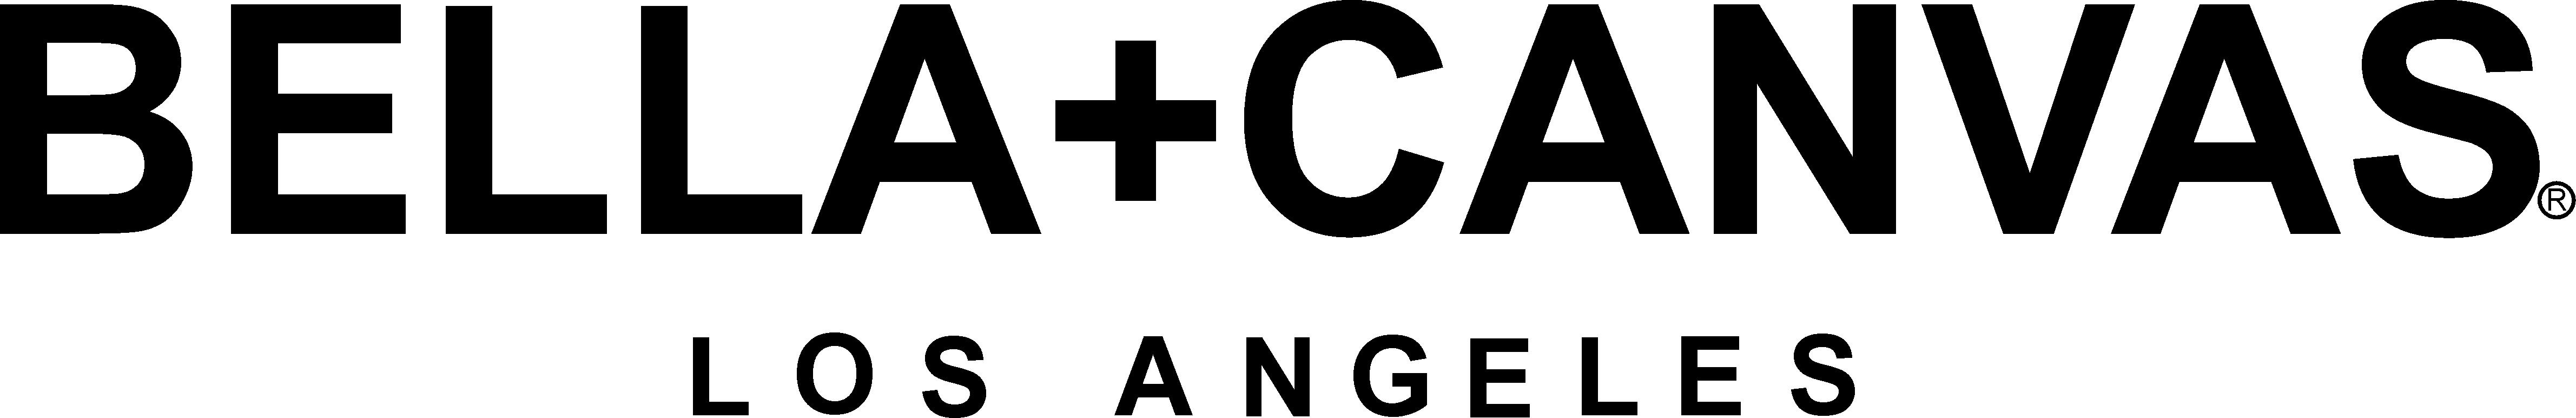 Image result for bella canvas transparent logo